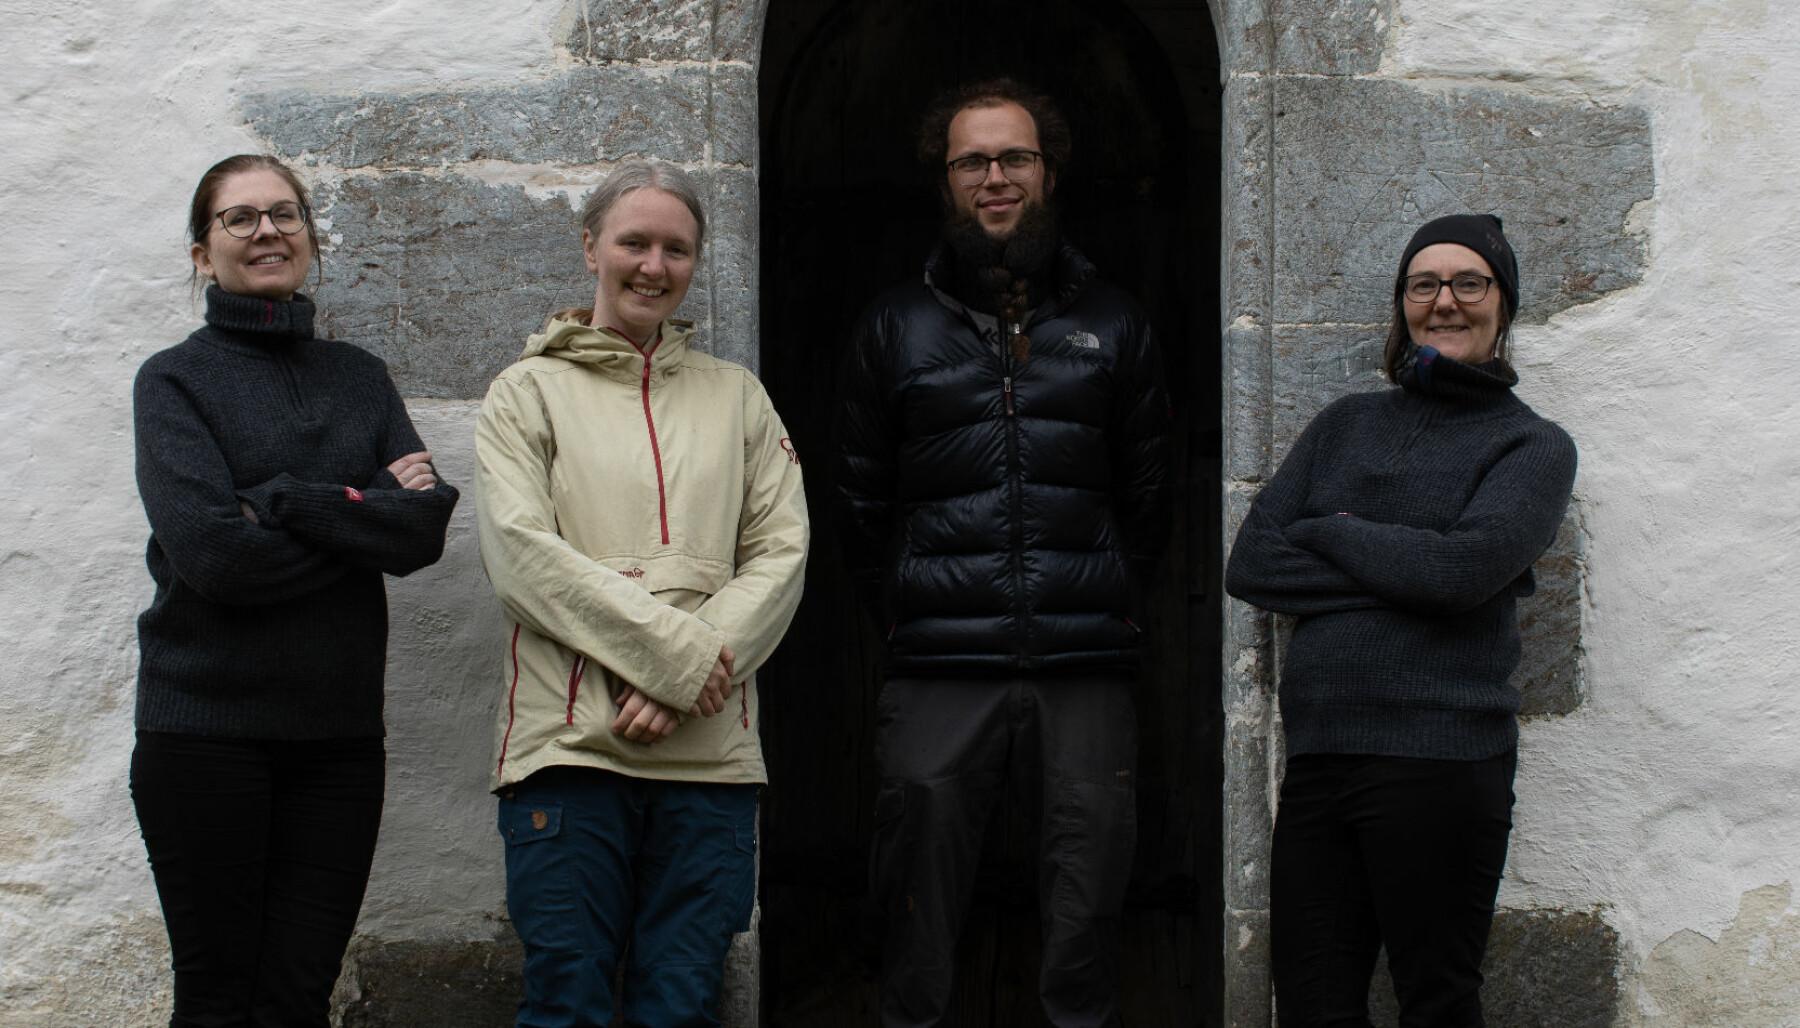 Forskerteamet. Fra venstre: Elisabeth Andersen (NIKU), Karen Langsholt Holmqvist (NIKU), Johan Bollaert (UiO) og Susanne Kaun (NIKU).